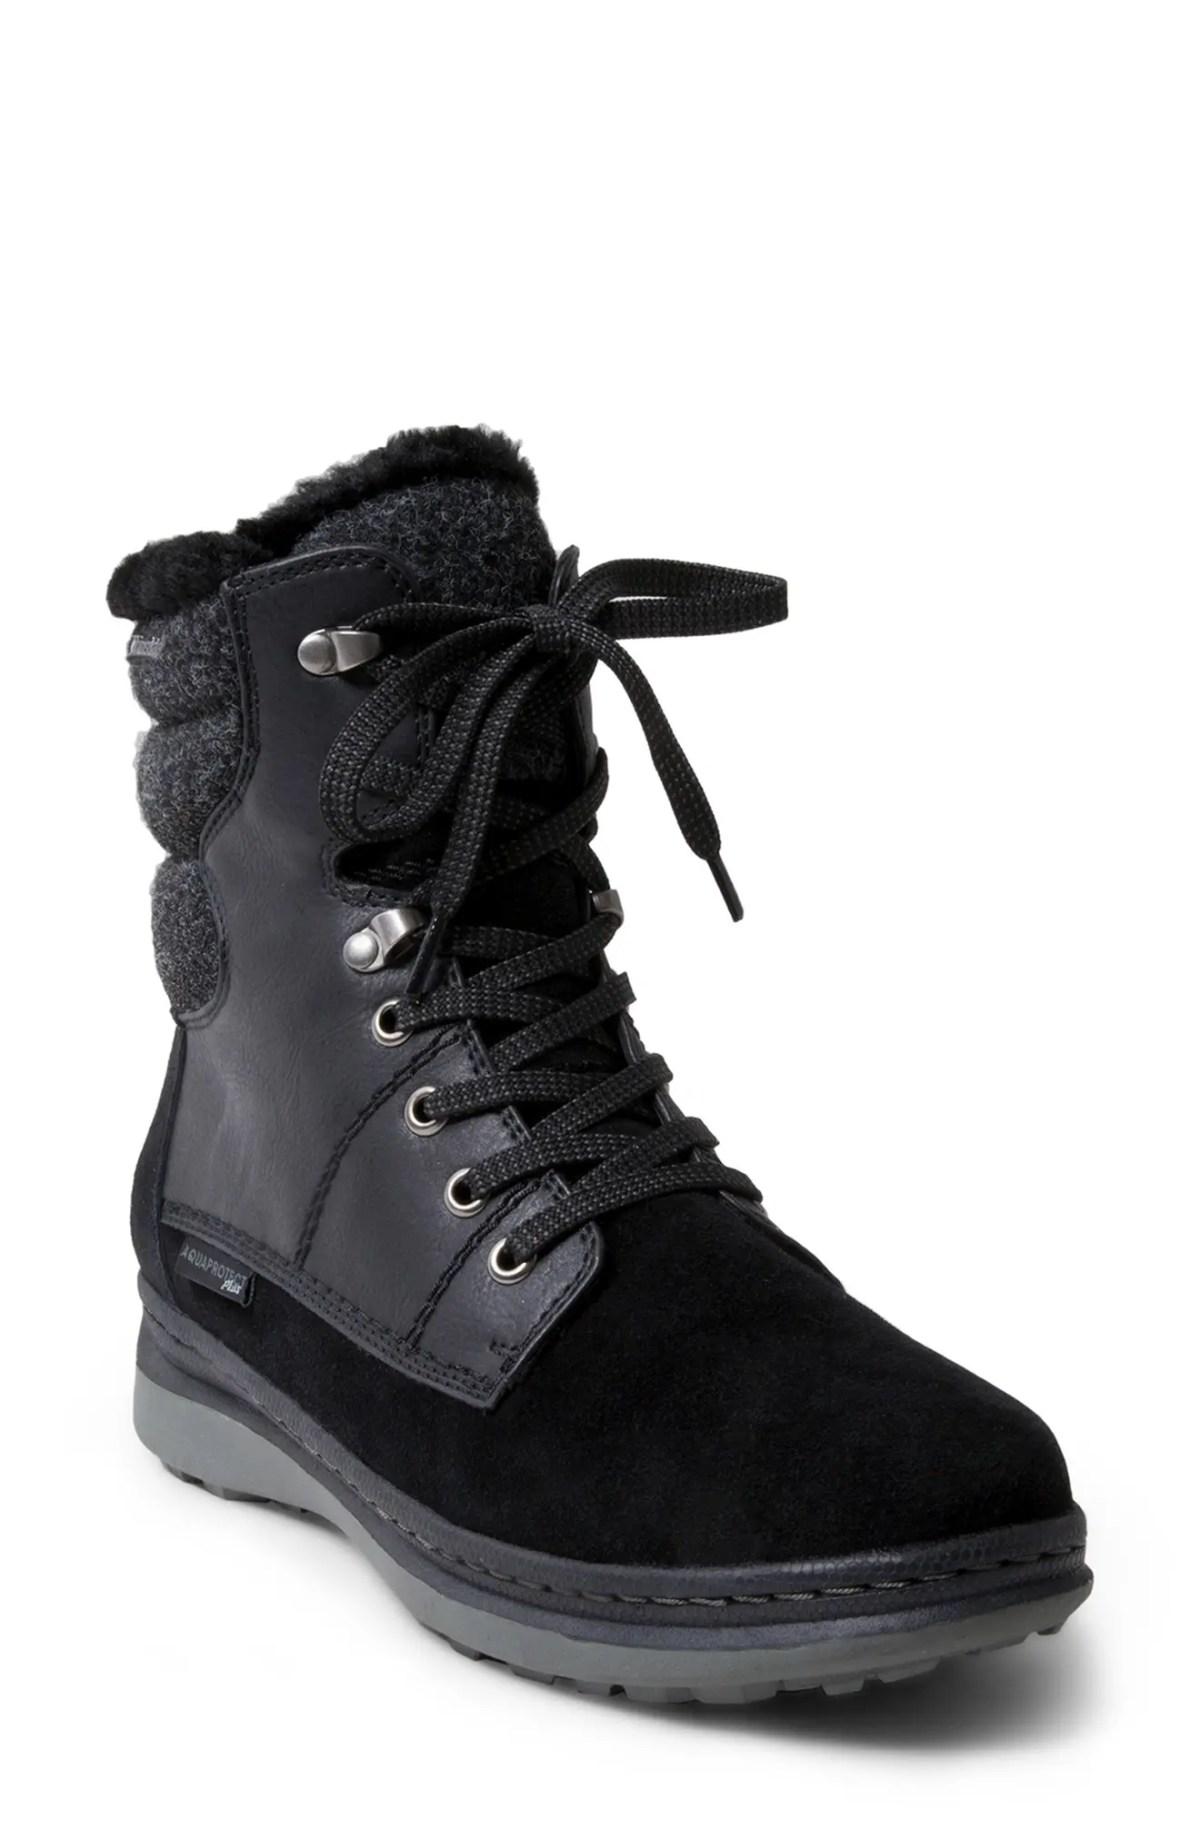 BLONDO Iselles Waterproof Hiking Boot, Main, color, BLACK WATERPROOF SUEDE